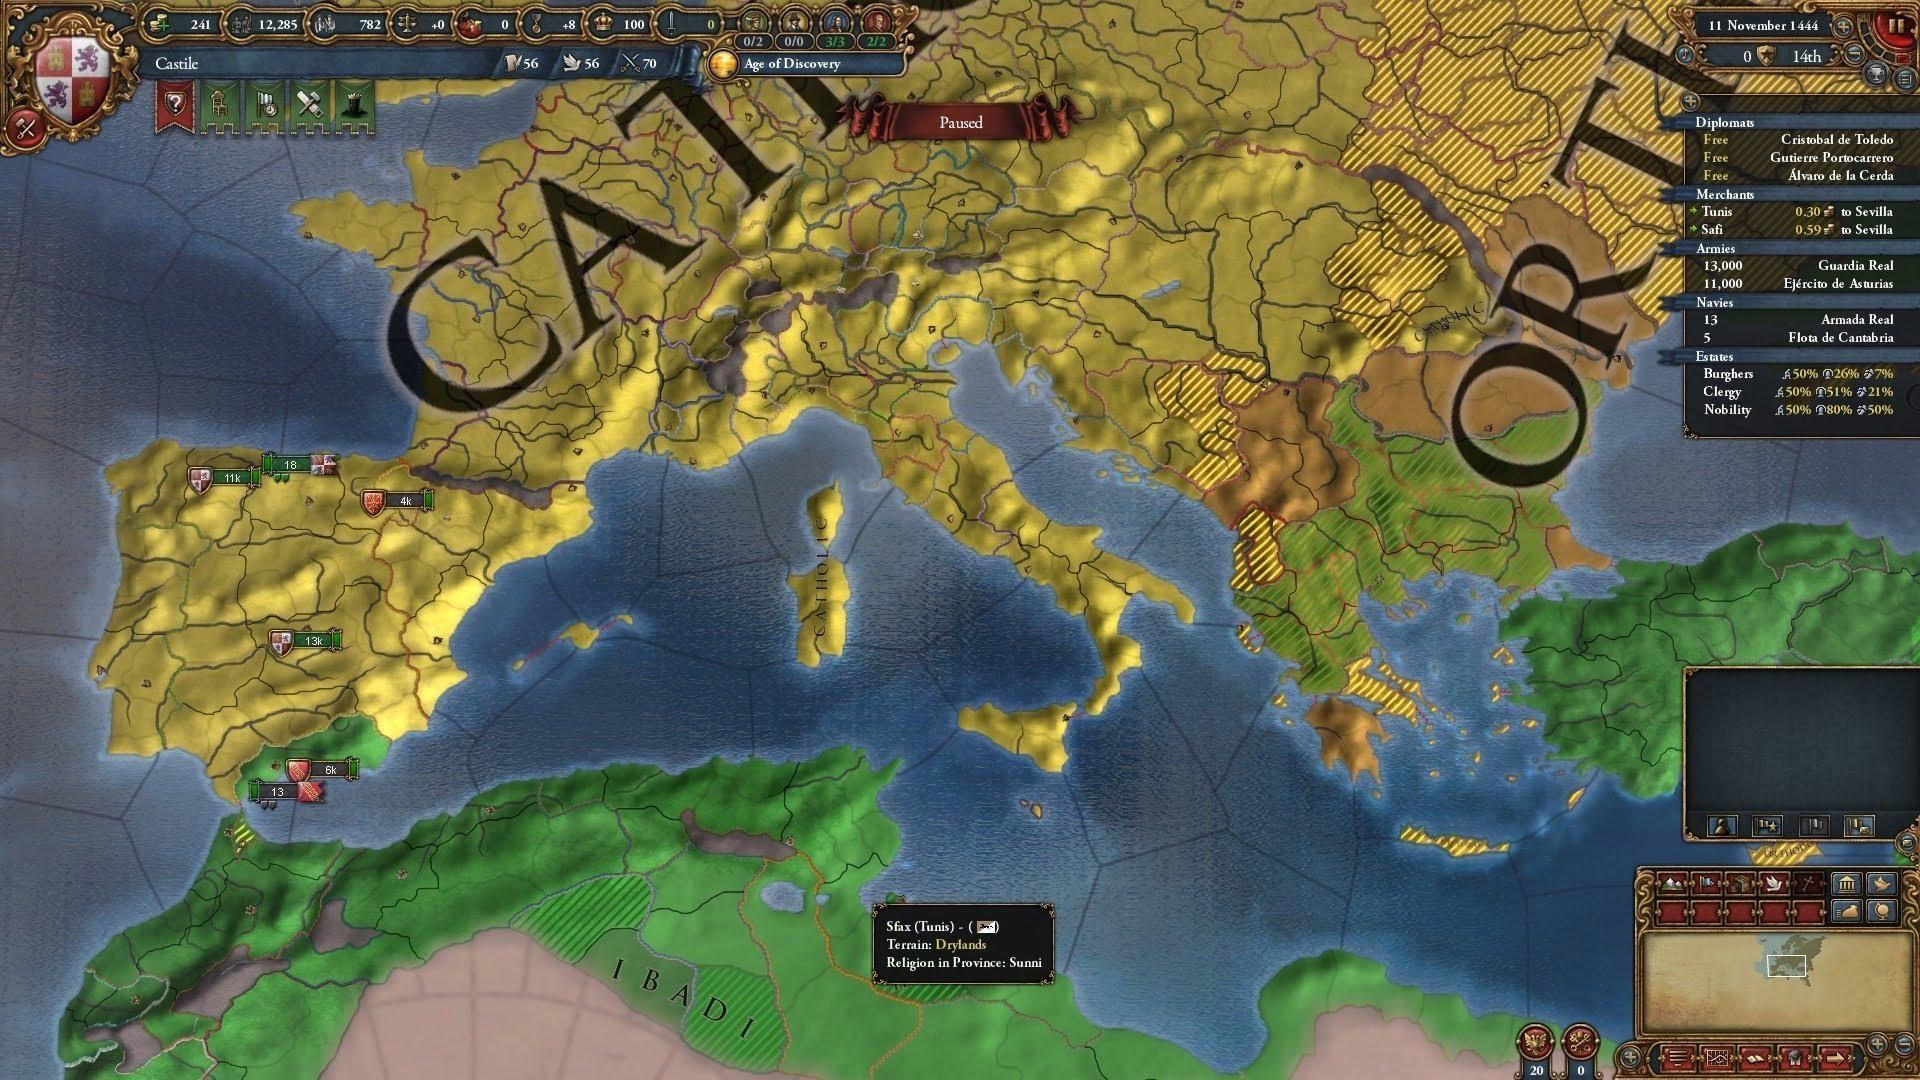 راهنما و آموزش جامع بازی Europa Universalis IV | قسمت 1&2